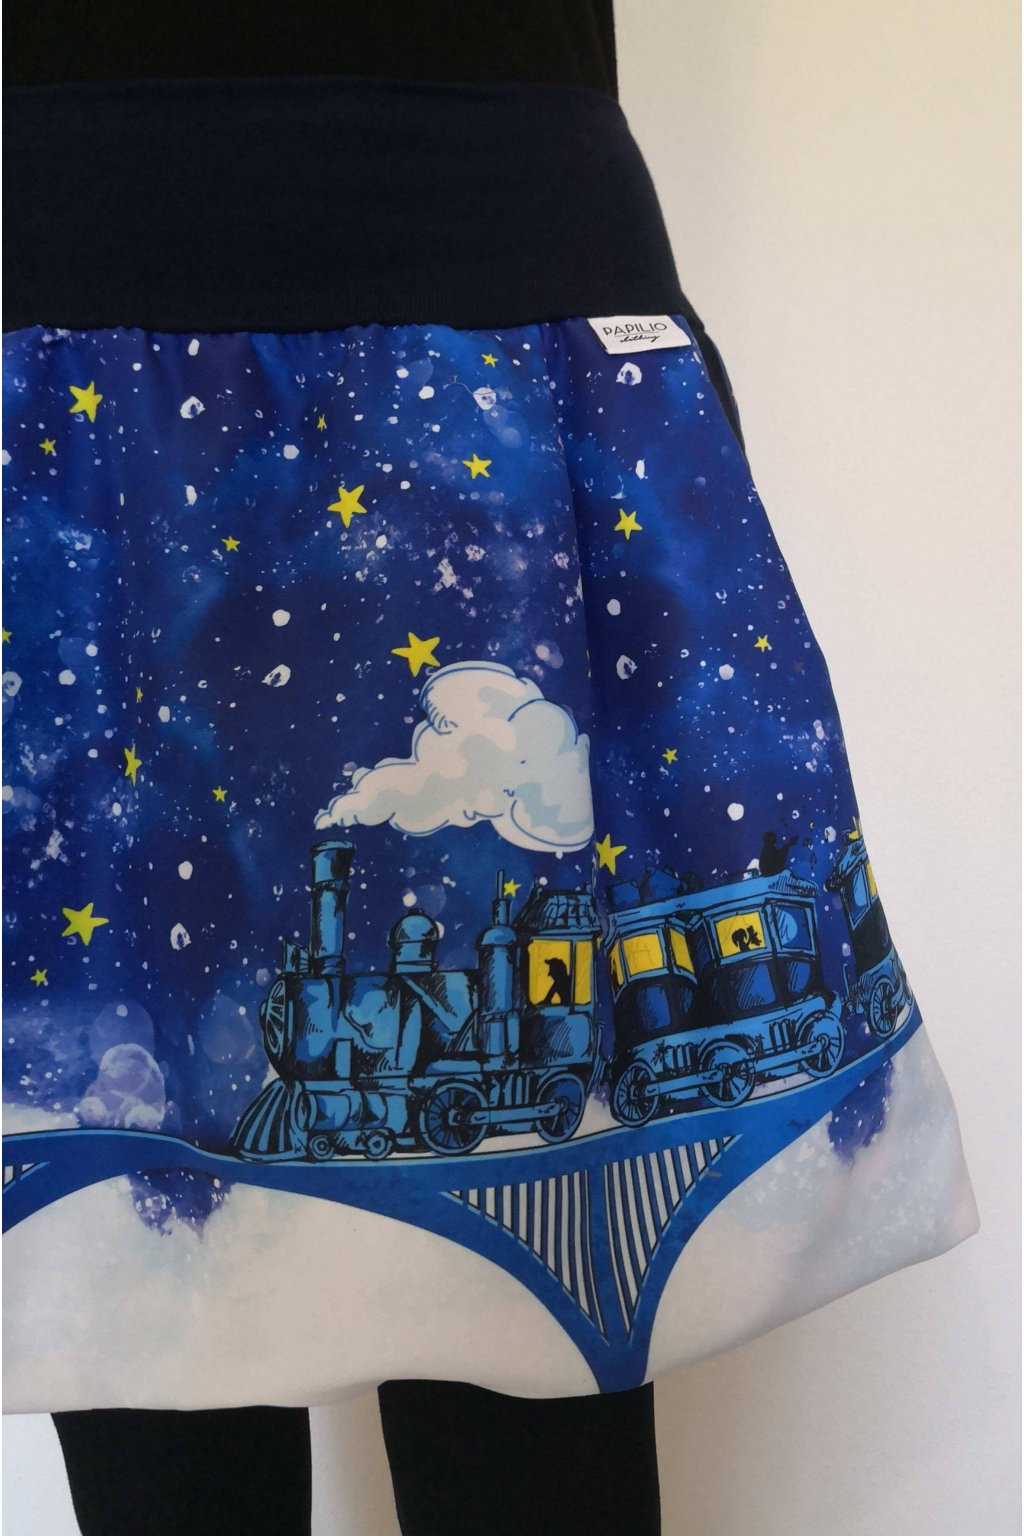 balonova sukne vlak kam si budes prat papilio clothing (2)